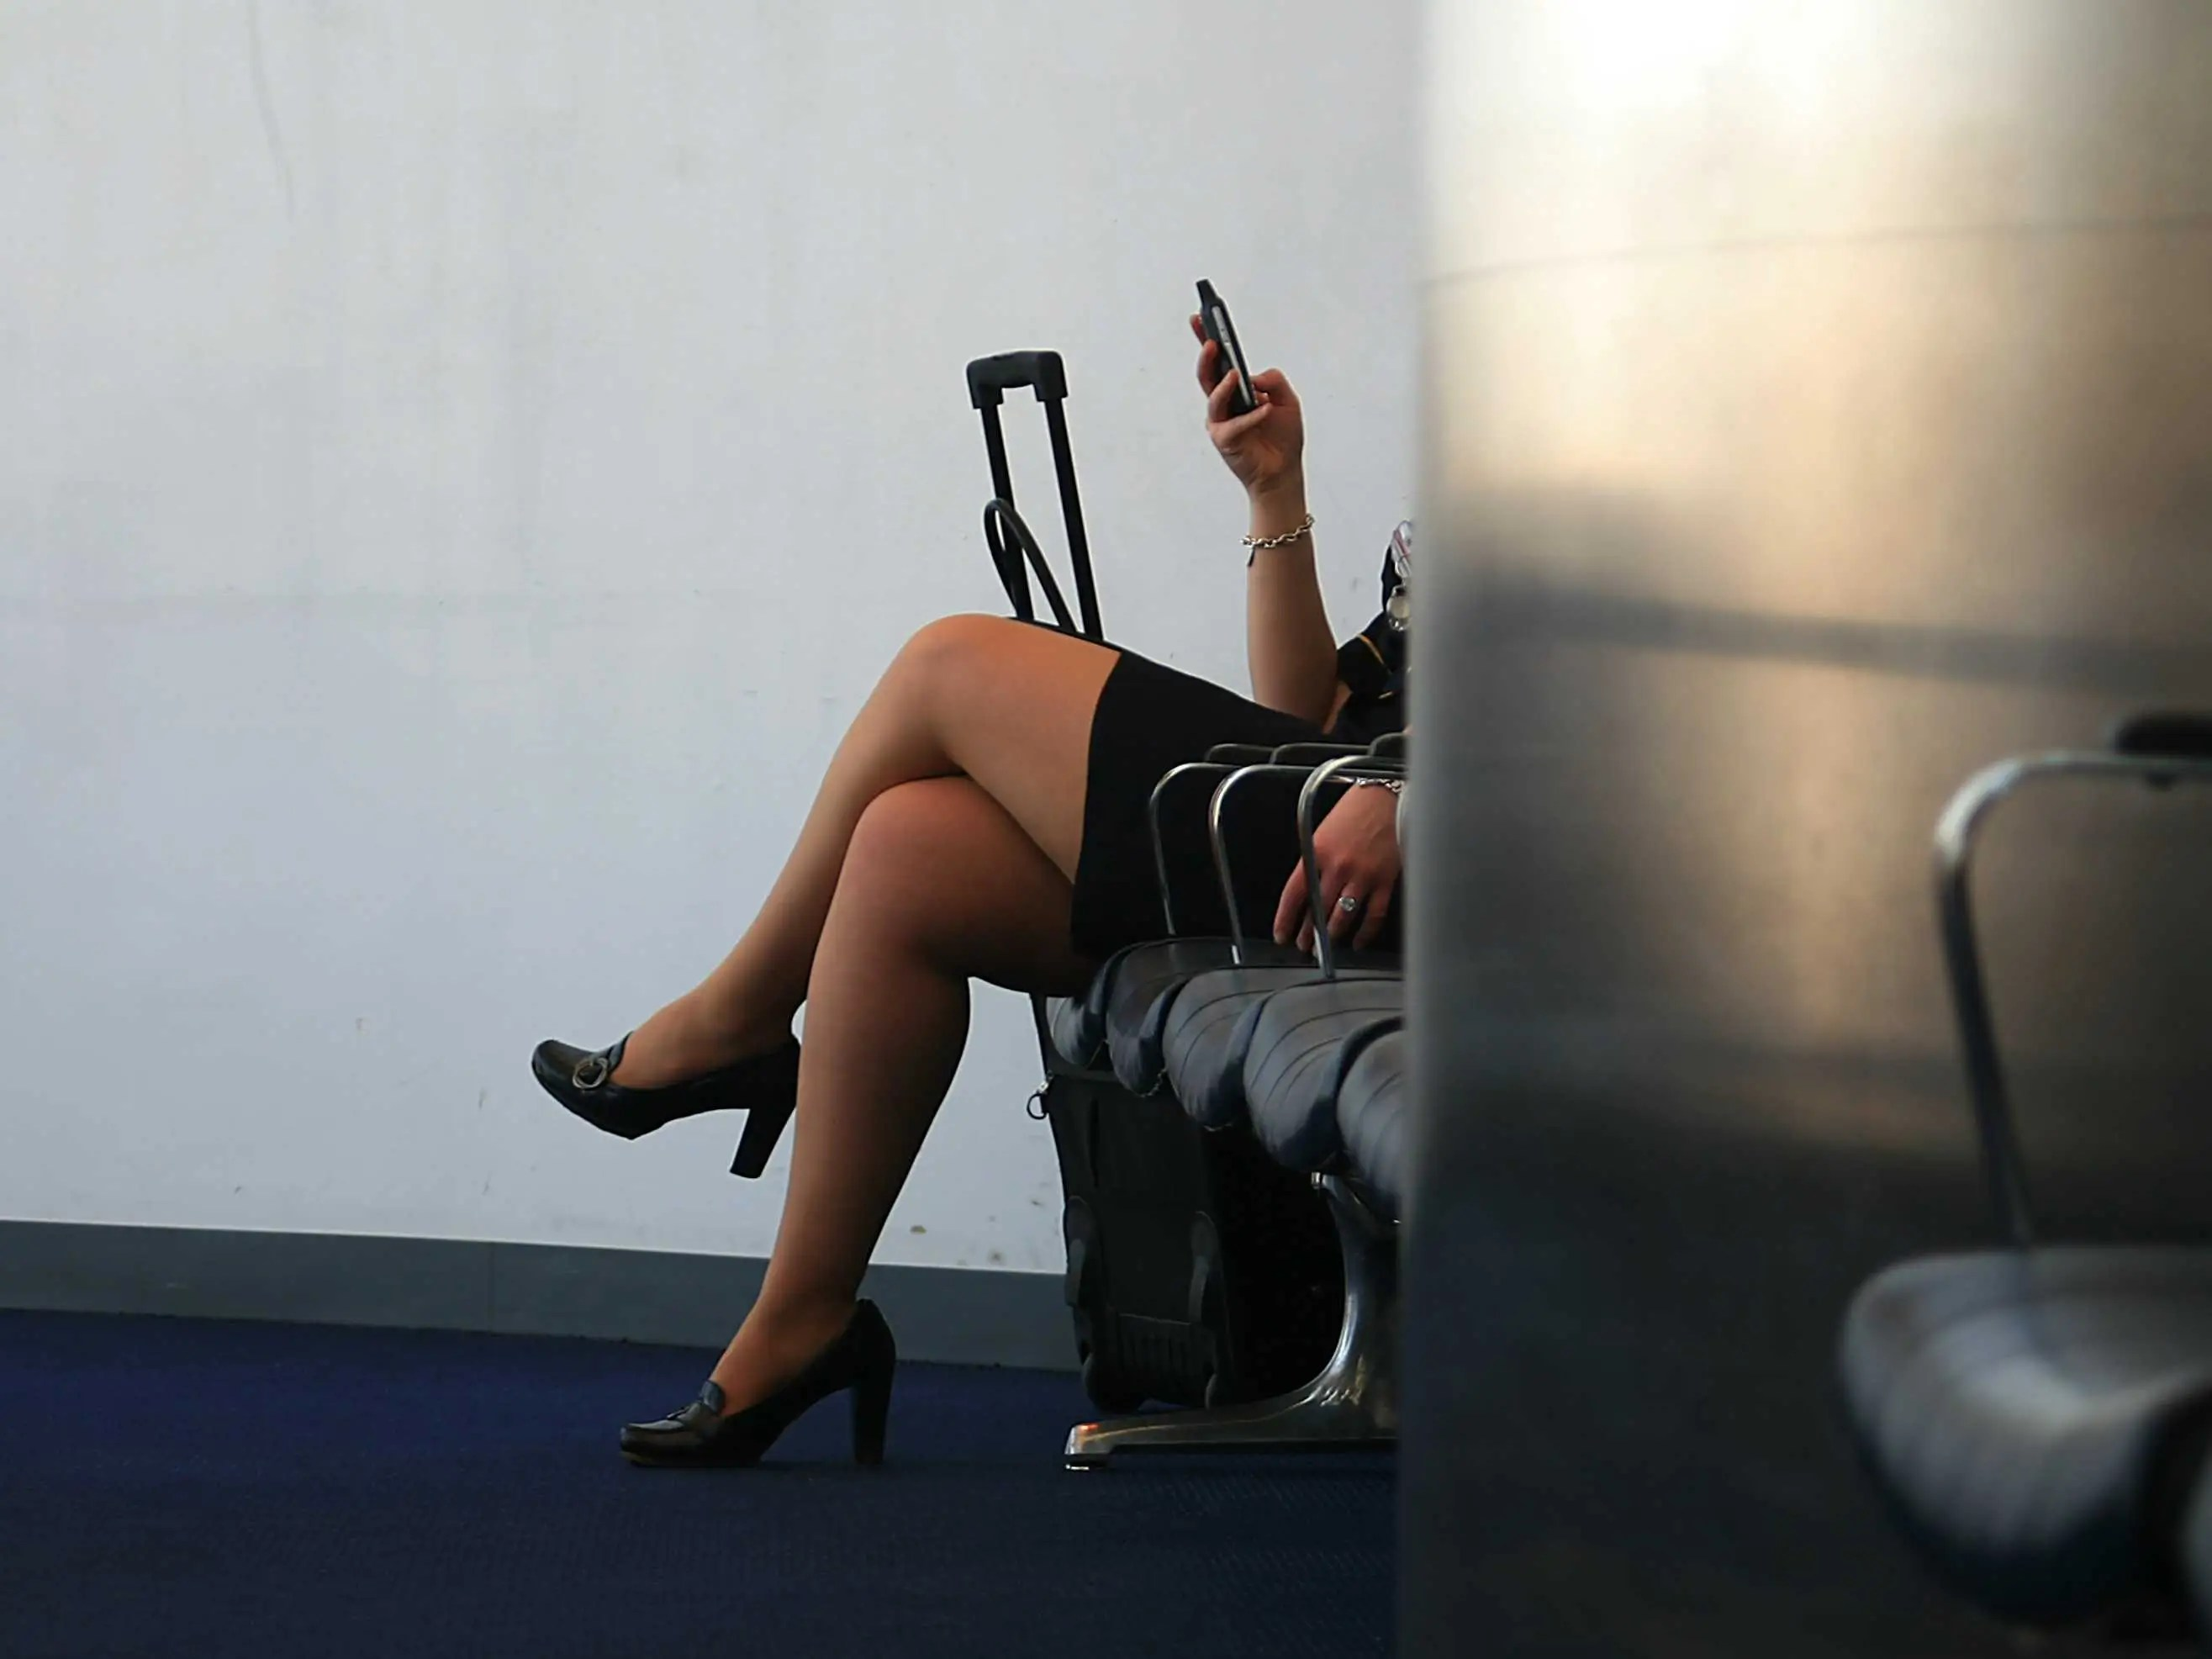 Resultado de imagen para hot azafata de avión